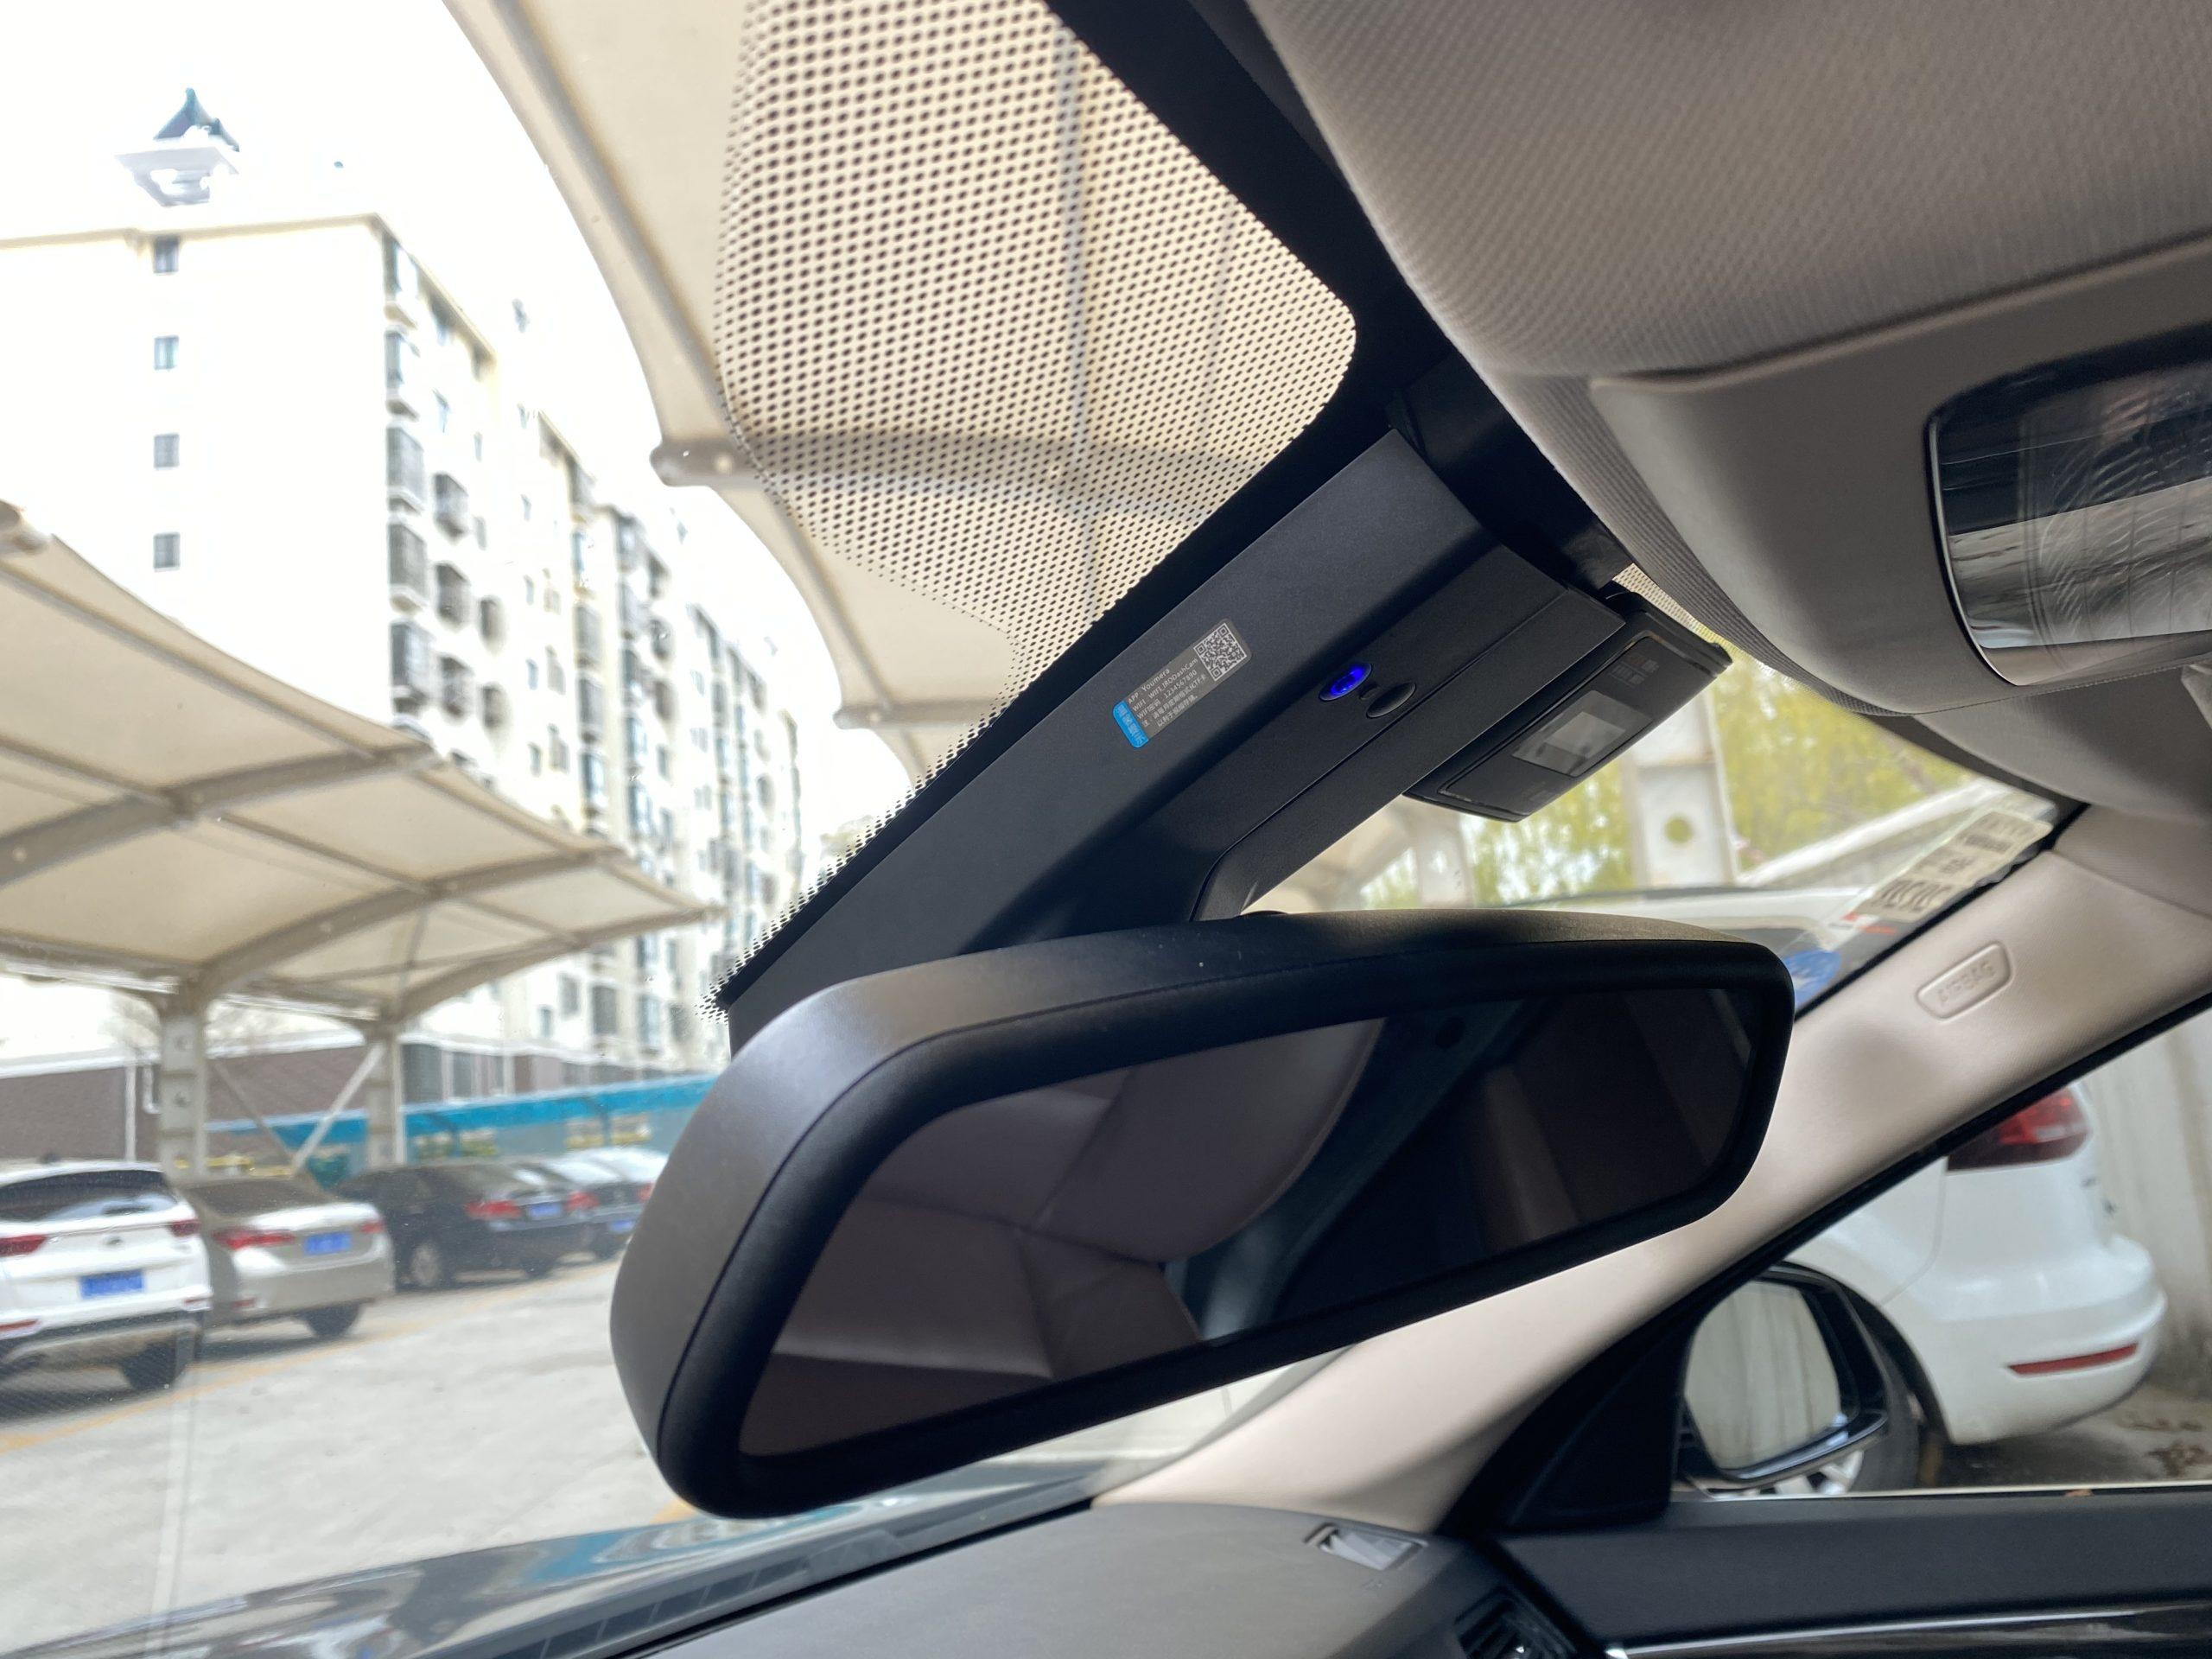 专车专用隐藏式行车记录仪使用体验对比——以宝马F18为例